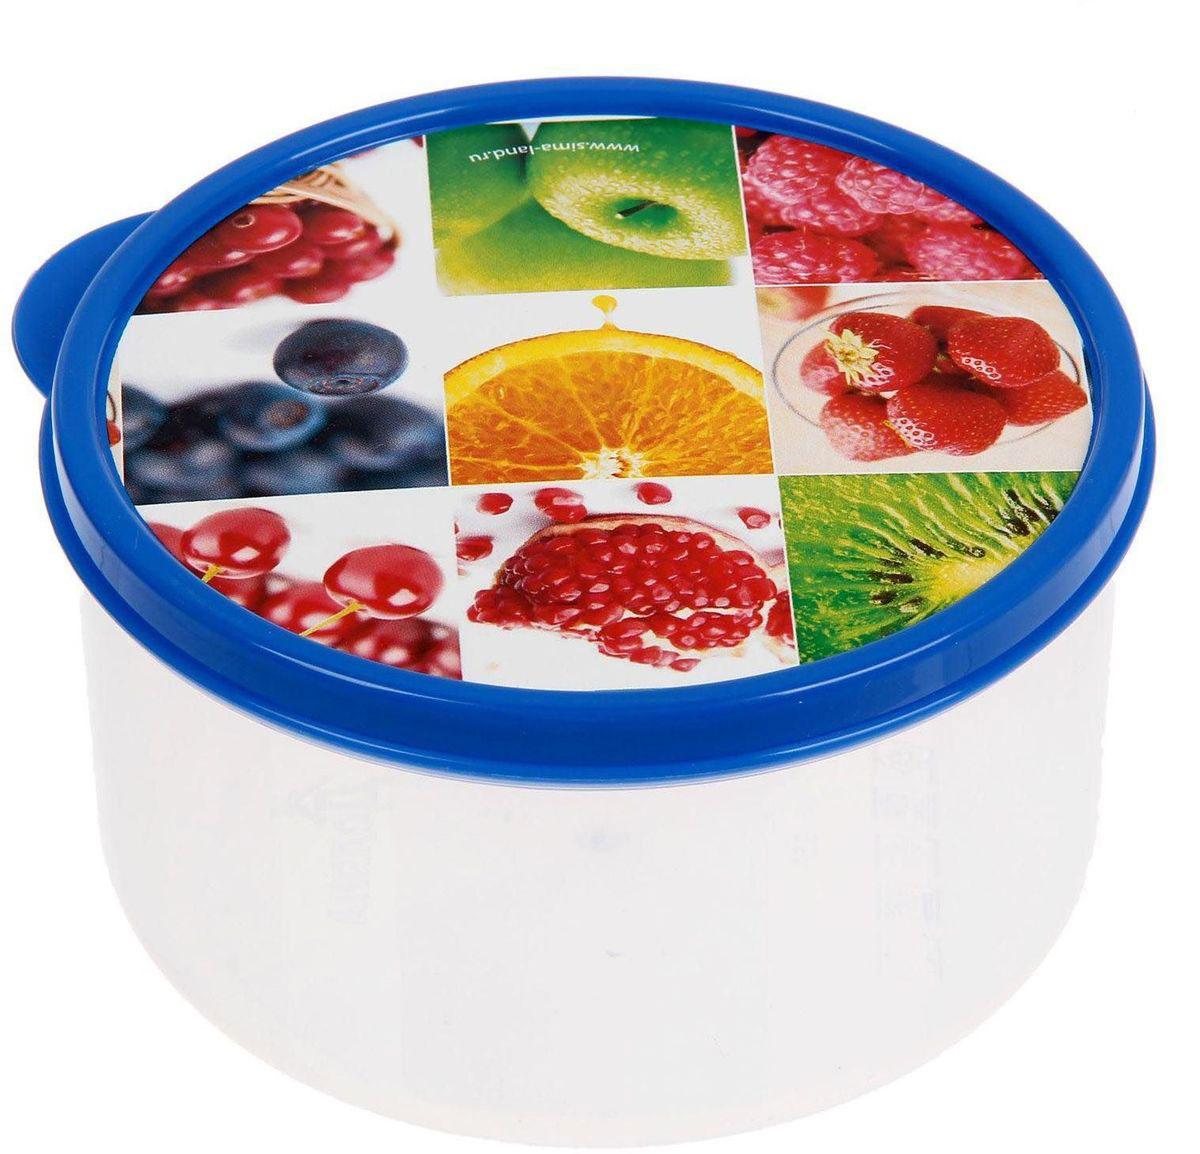 Ланч-бокс Доляна №1, круглый, 500 млVT-1520(SR)Если после вкусного обеда осталась еда, а насладиться трапезой хочется и на следующий день, ланч-бокс станет отличным решением данной проблемы!Такой контейнер является незаменимым предметом кухонной утвари, ведь у него много преимуществ:Простота ухода. Ланч-бокс достаточно промыть тёплой водой с небольшим количеством чистящего средства, и он снова готов к использованию.Вместительность. Большой выбор форм и объёма поможет разместить разнообразные продукты от сахара до супов.Эргономичность. Ланч-боксы очень легко хранить даже в самой маленькой кухне, так как их можно поставить один в другой по принципу матрёшки.Многофункциональность. Разнообразие цветов и форм делает возможным использование контейнеров не только на кухне, но и в других областях домашнего быта.Любители приготовления обеда на всю семью в большинстве случаев приобретают ланч-боксы наборами, так как это позволяет рассортировать продукты по всевозможным признакам. К тому же контейнеры среднего размера станут незаменимыми помощниками на работе: ведь что может быть приятнее, чем порадовать себя во время обеда прекрасной едой, заботливо сохранённой в контейнере?В качестве материала для изготовления используется пластик, что делает процесс ухода за контейнером ещё более эффективным. К каждому ланч-боксу в комплекте также прилагается крышка подходящего размера, это позволяет плотно и надёжно удерживать запах еды и упрощает процесс транспортировки.Однако рекомендуется соблюдать и меры предосторожности: не использовать пластиковые контейнеры в духовых шкафах и на открытом огне, а также не разогревать в микроволновых печах при закрытой крышке ланч-бокса. Соблюдение мер безопасности позволит продлить срок эксплуатации и сохранить отличный внешний вид изделия.Эргономичный дизайн и многофункциональность таких контейнеров — вот, что является причиной большой популярности данного предмета у каждой хозяйки. А в преддверии лета и дачного сезона такое приобретение позволит по